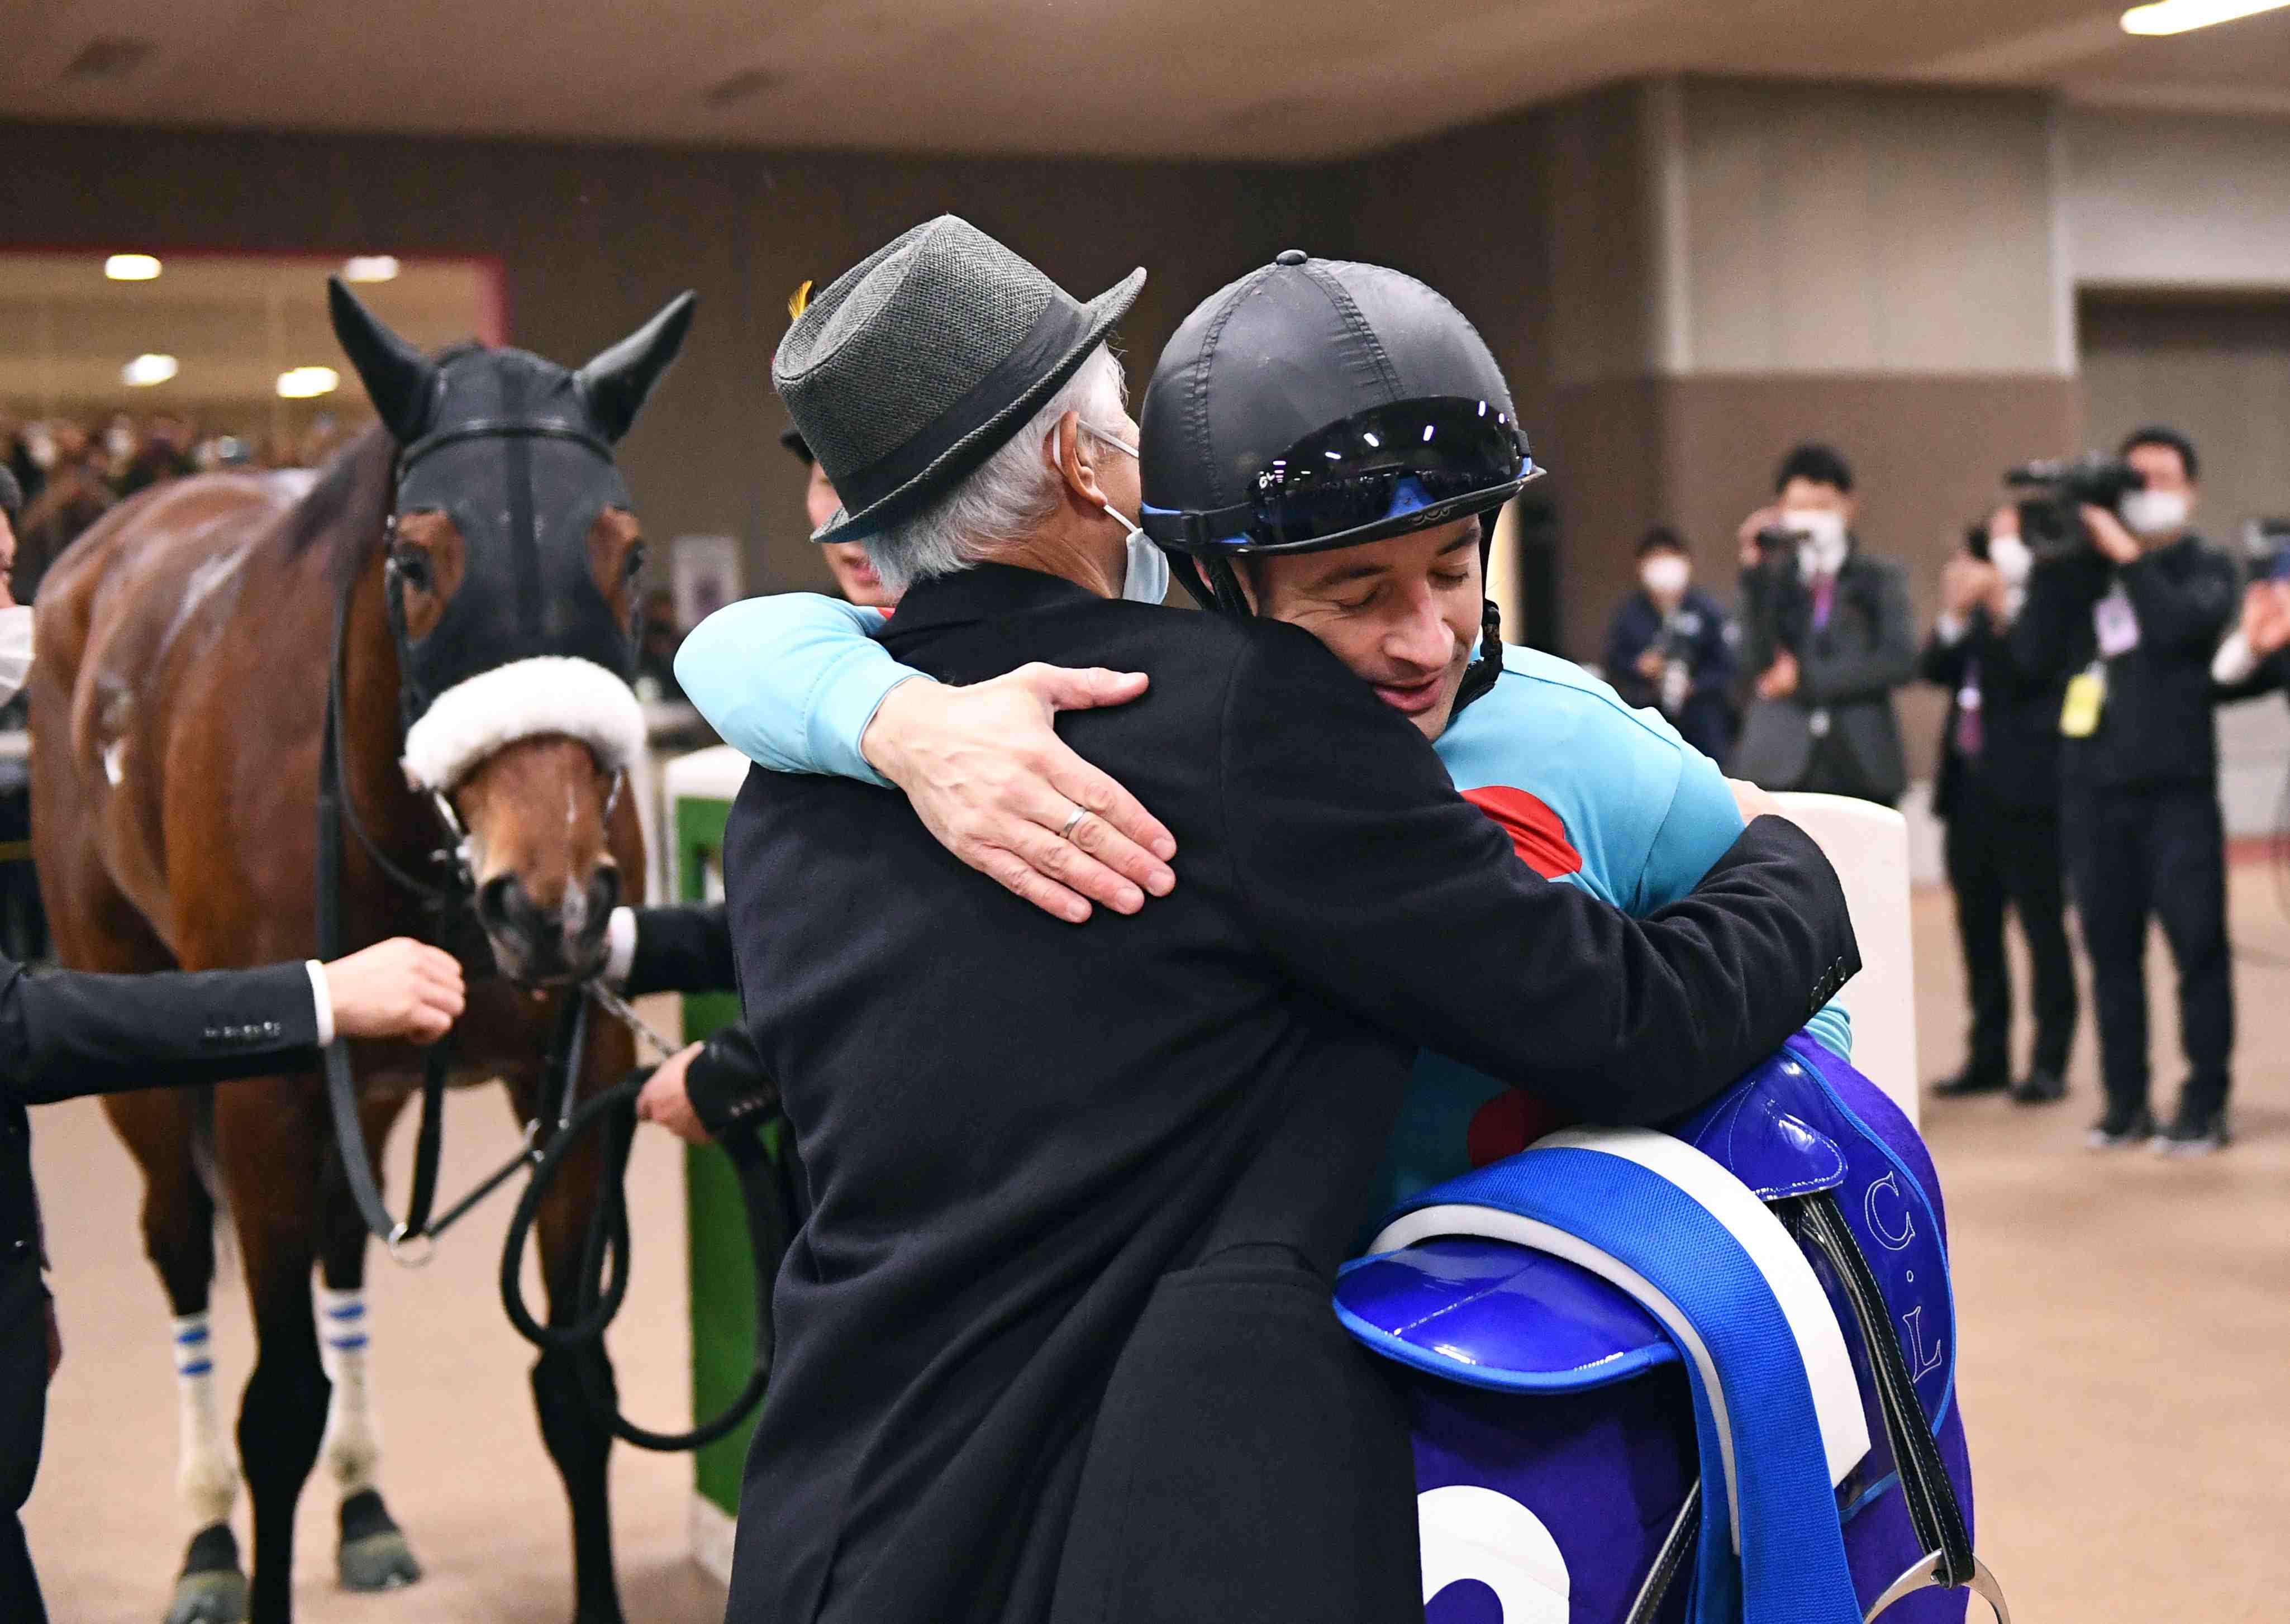 Horse Racing 40th Japan Cup Winner Almond Eye